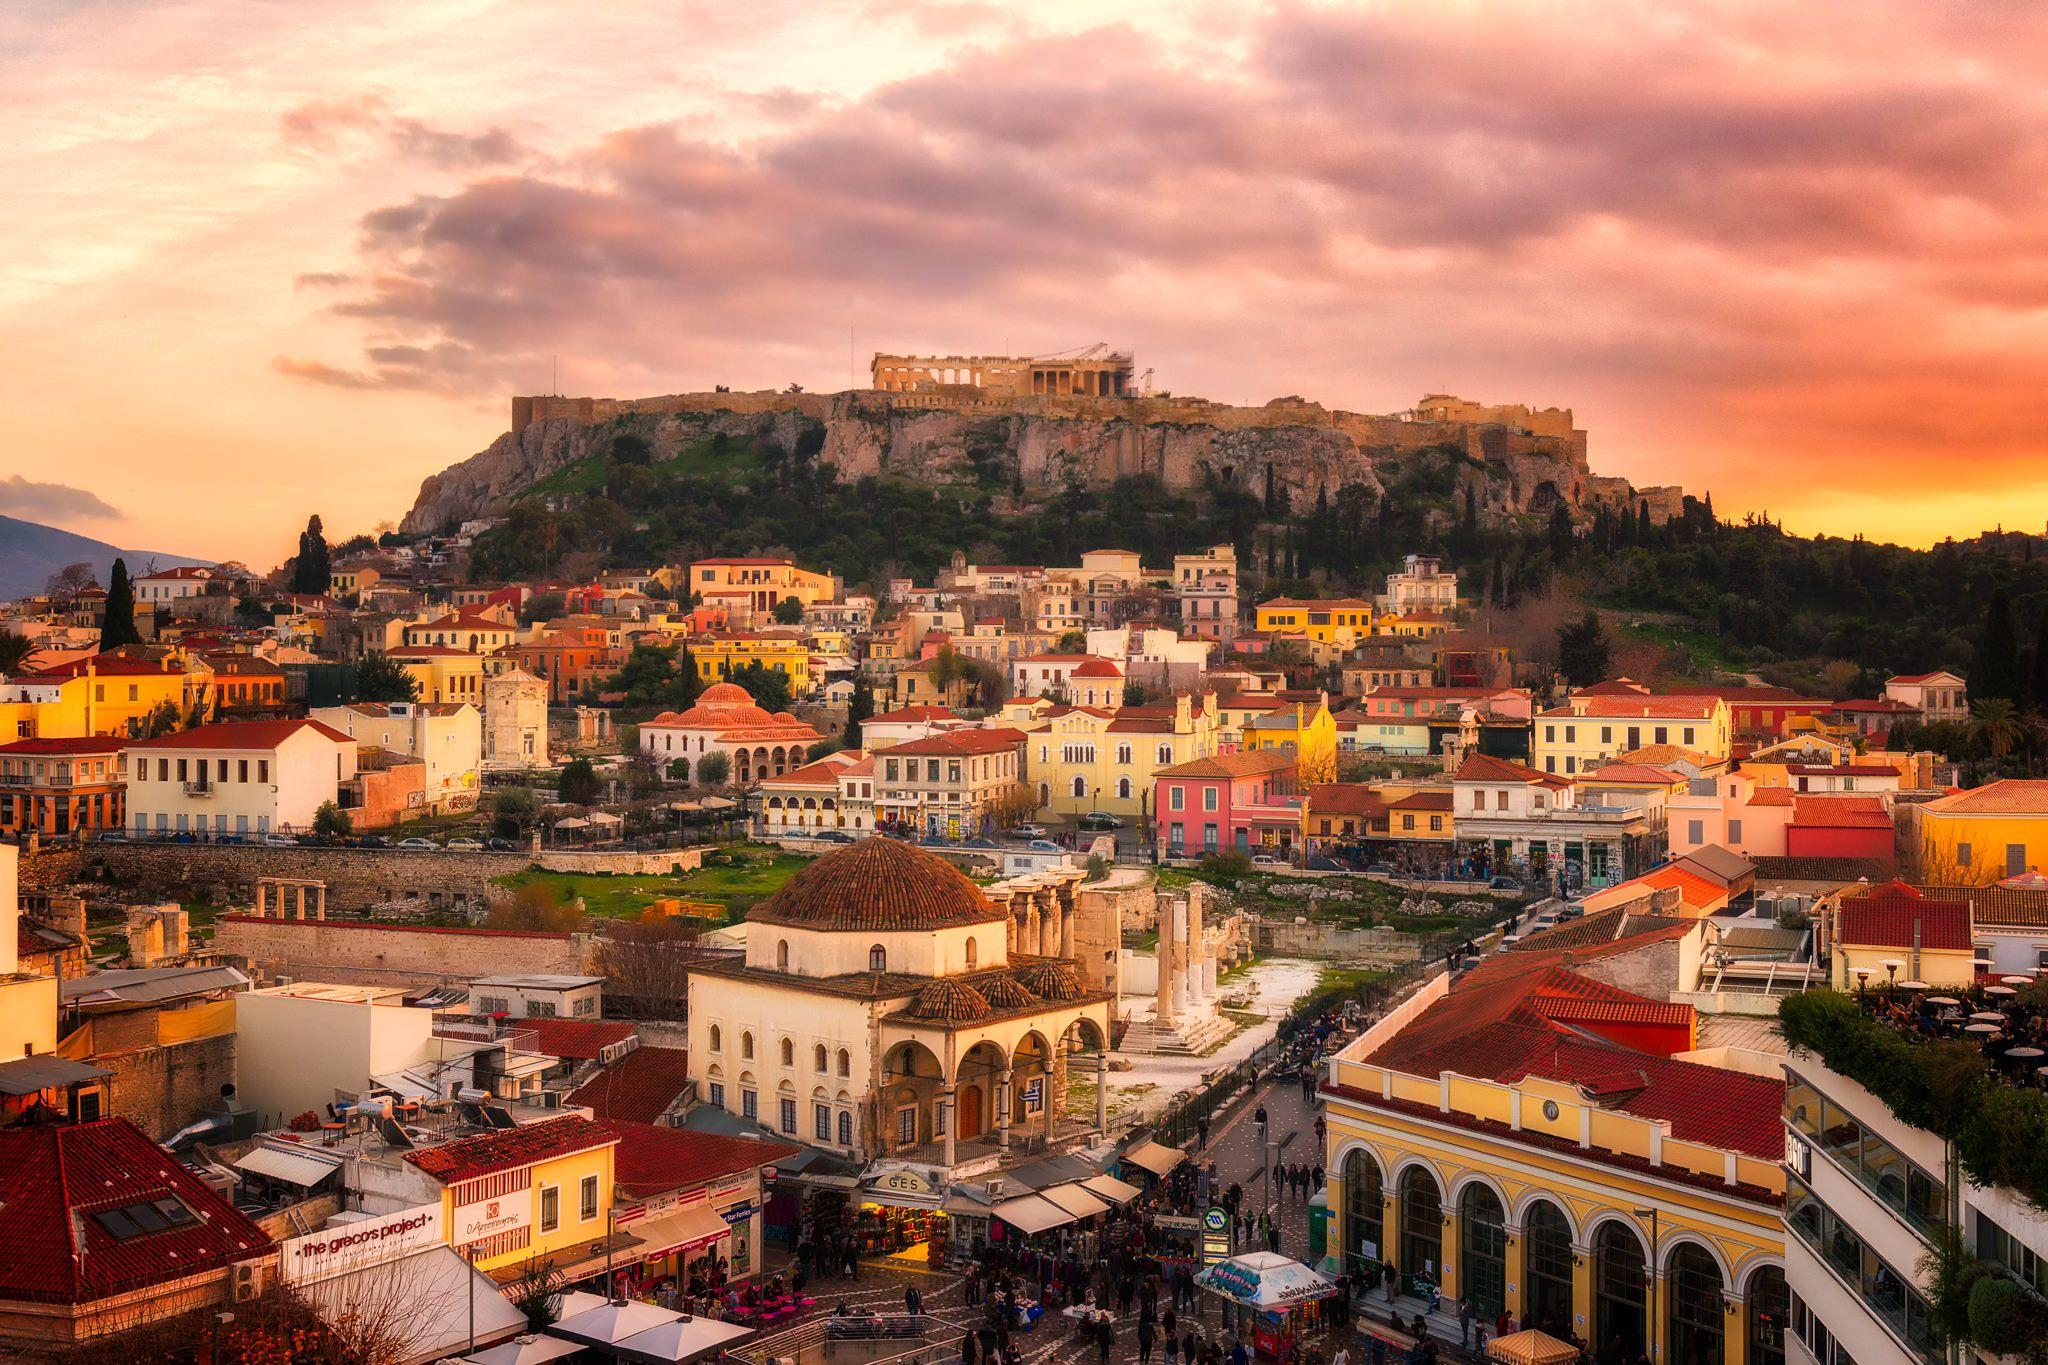 Los lugares turísticos más conocidos de Grecia